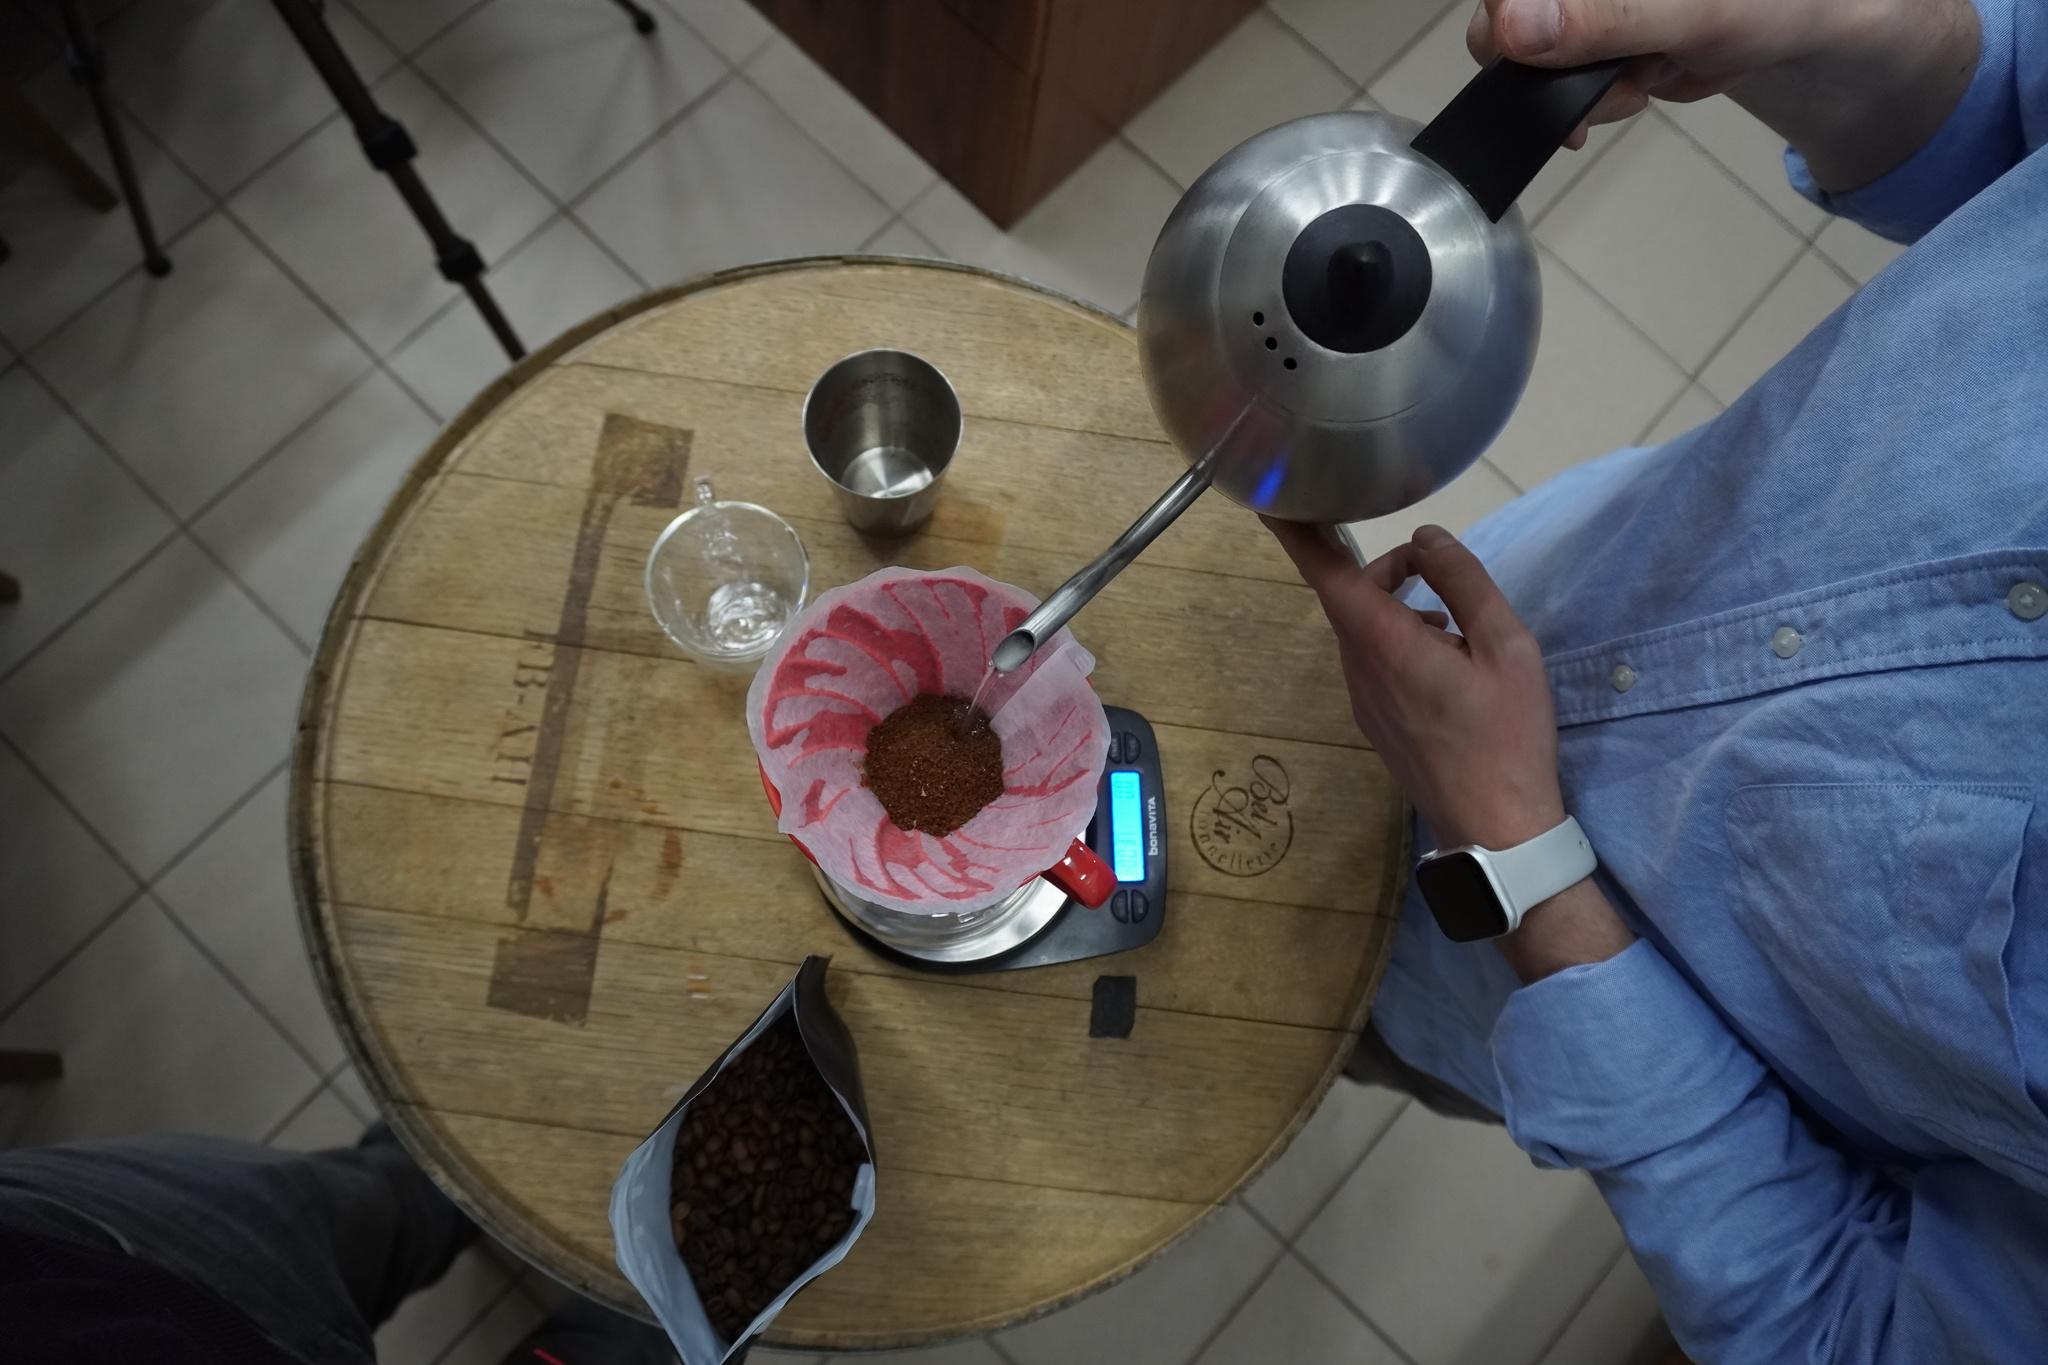 Рецепт заваривания кофе от Арсения Кузнецова в воронке V60